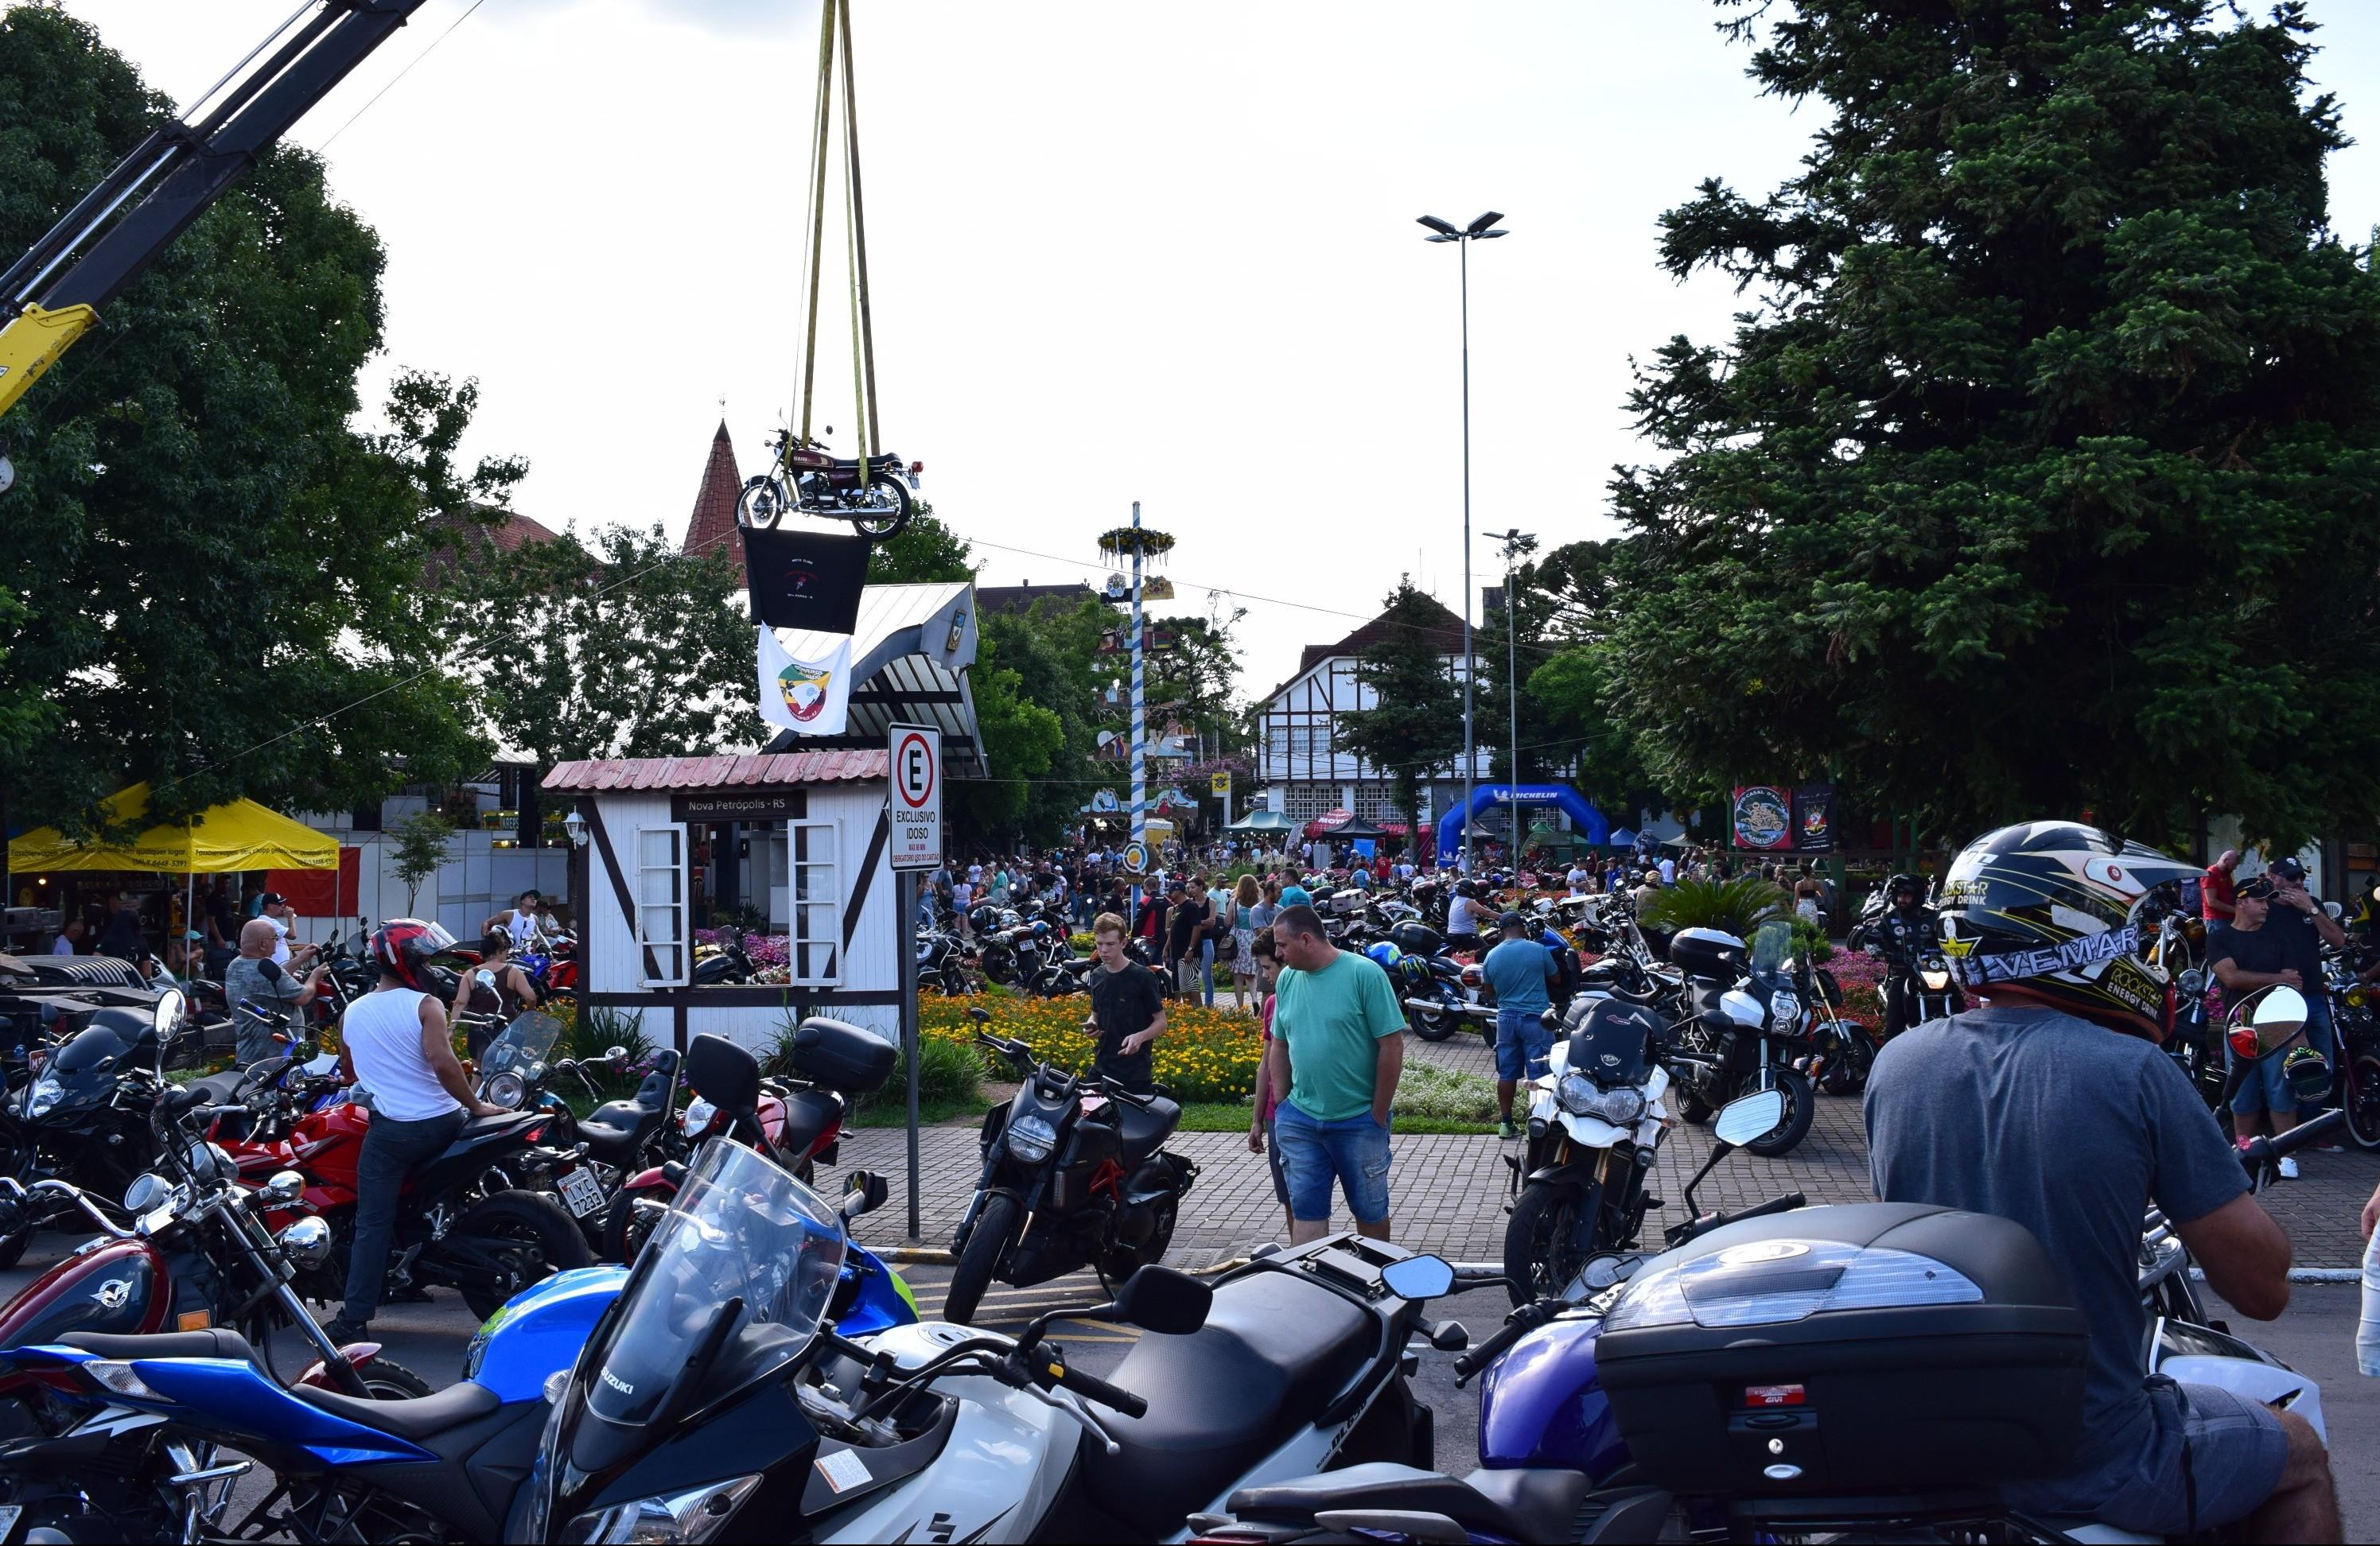 Foto Encontro de Motos, música e caminhada são atrações do primeiro fim de semana no Verão no Jardim da Serra Gaúcha